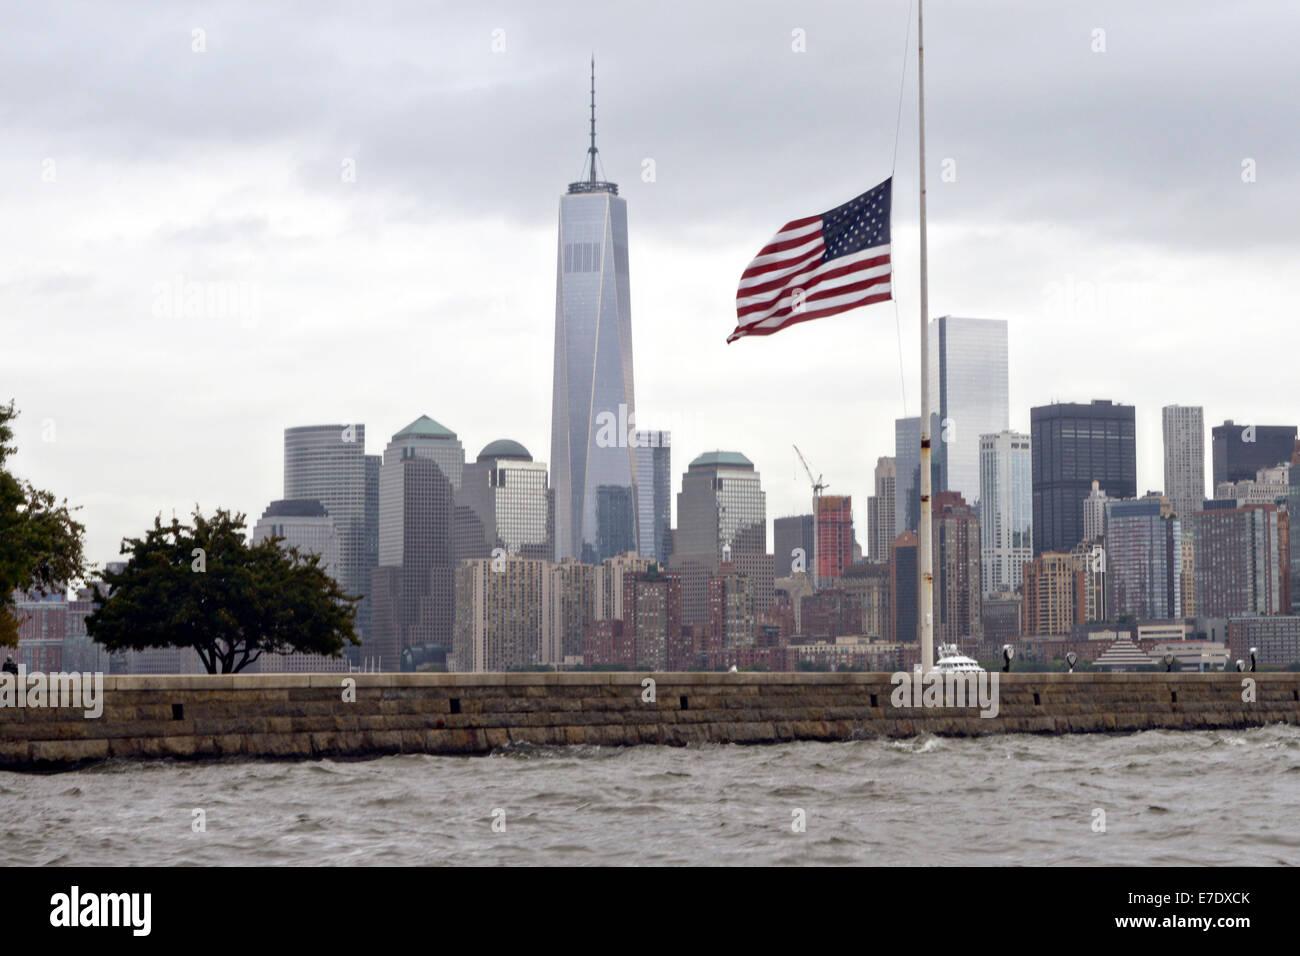 Le drapeau américain sur l'île Ellis à demi-personnel sur une journée nuageuse avec la tour Photo Stock